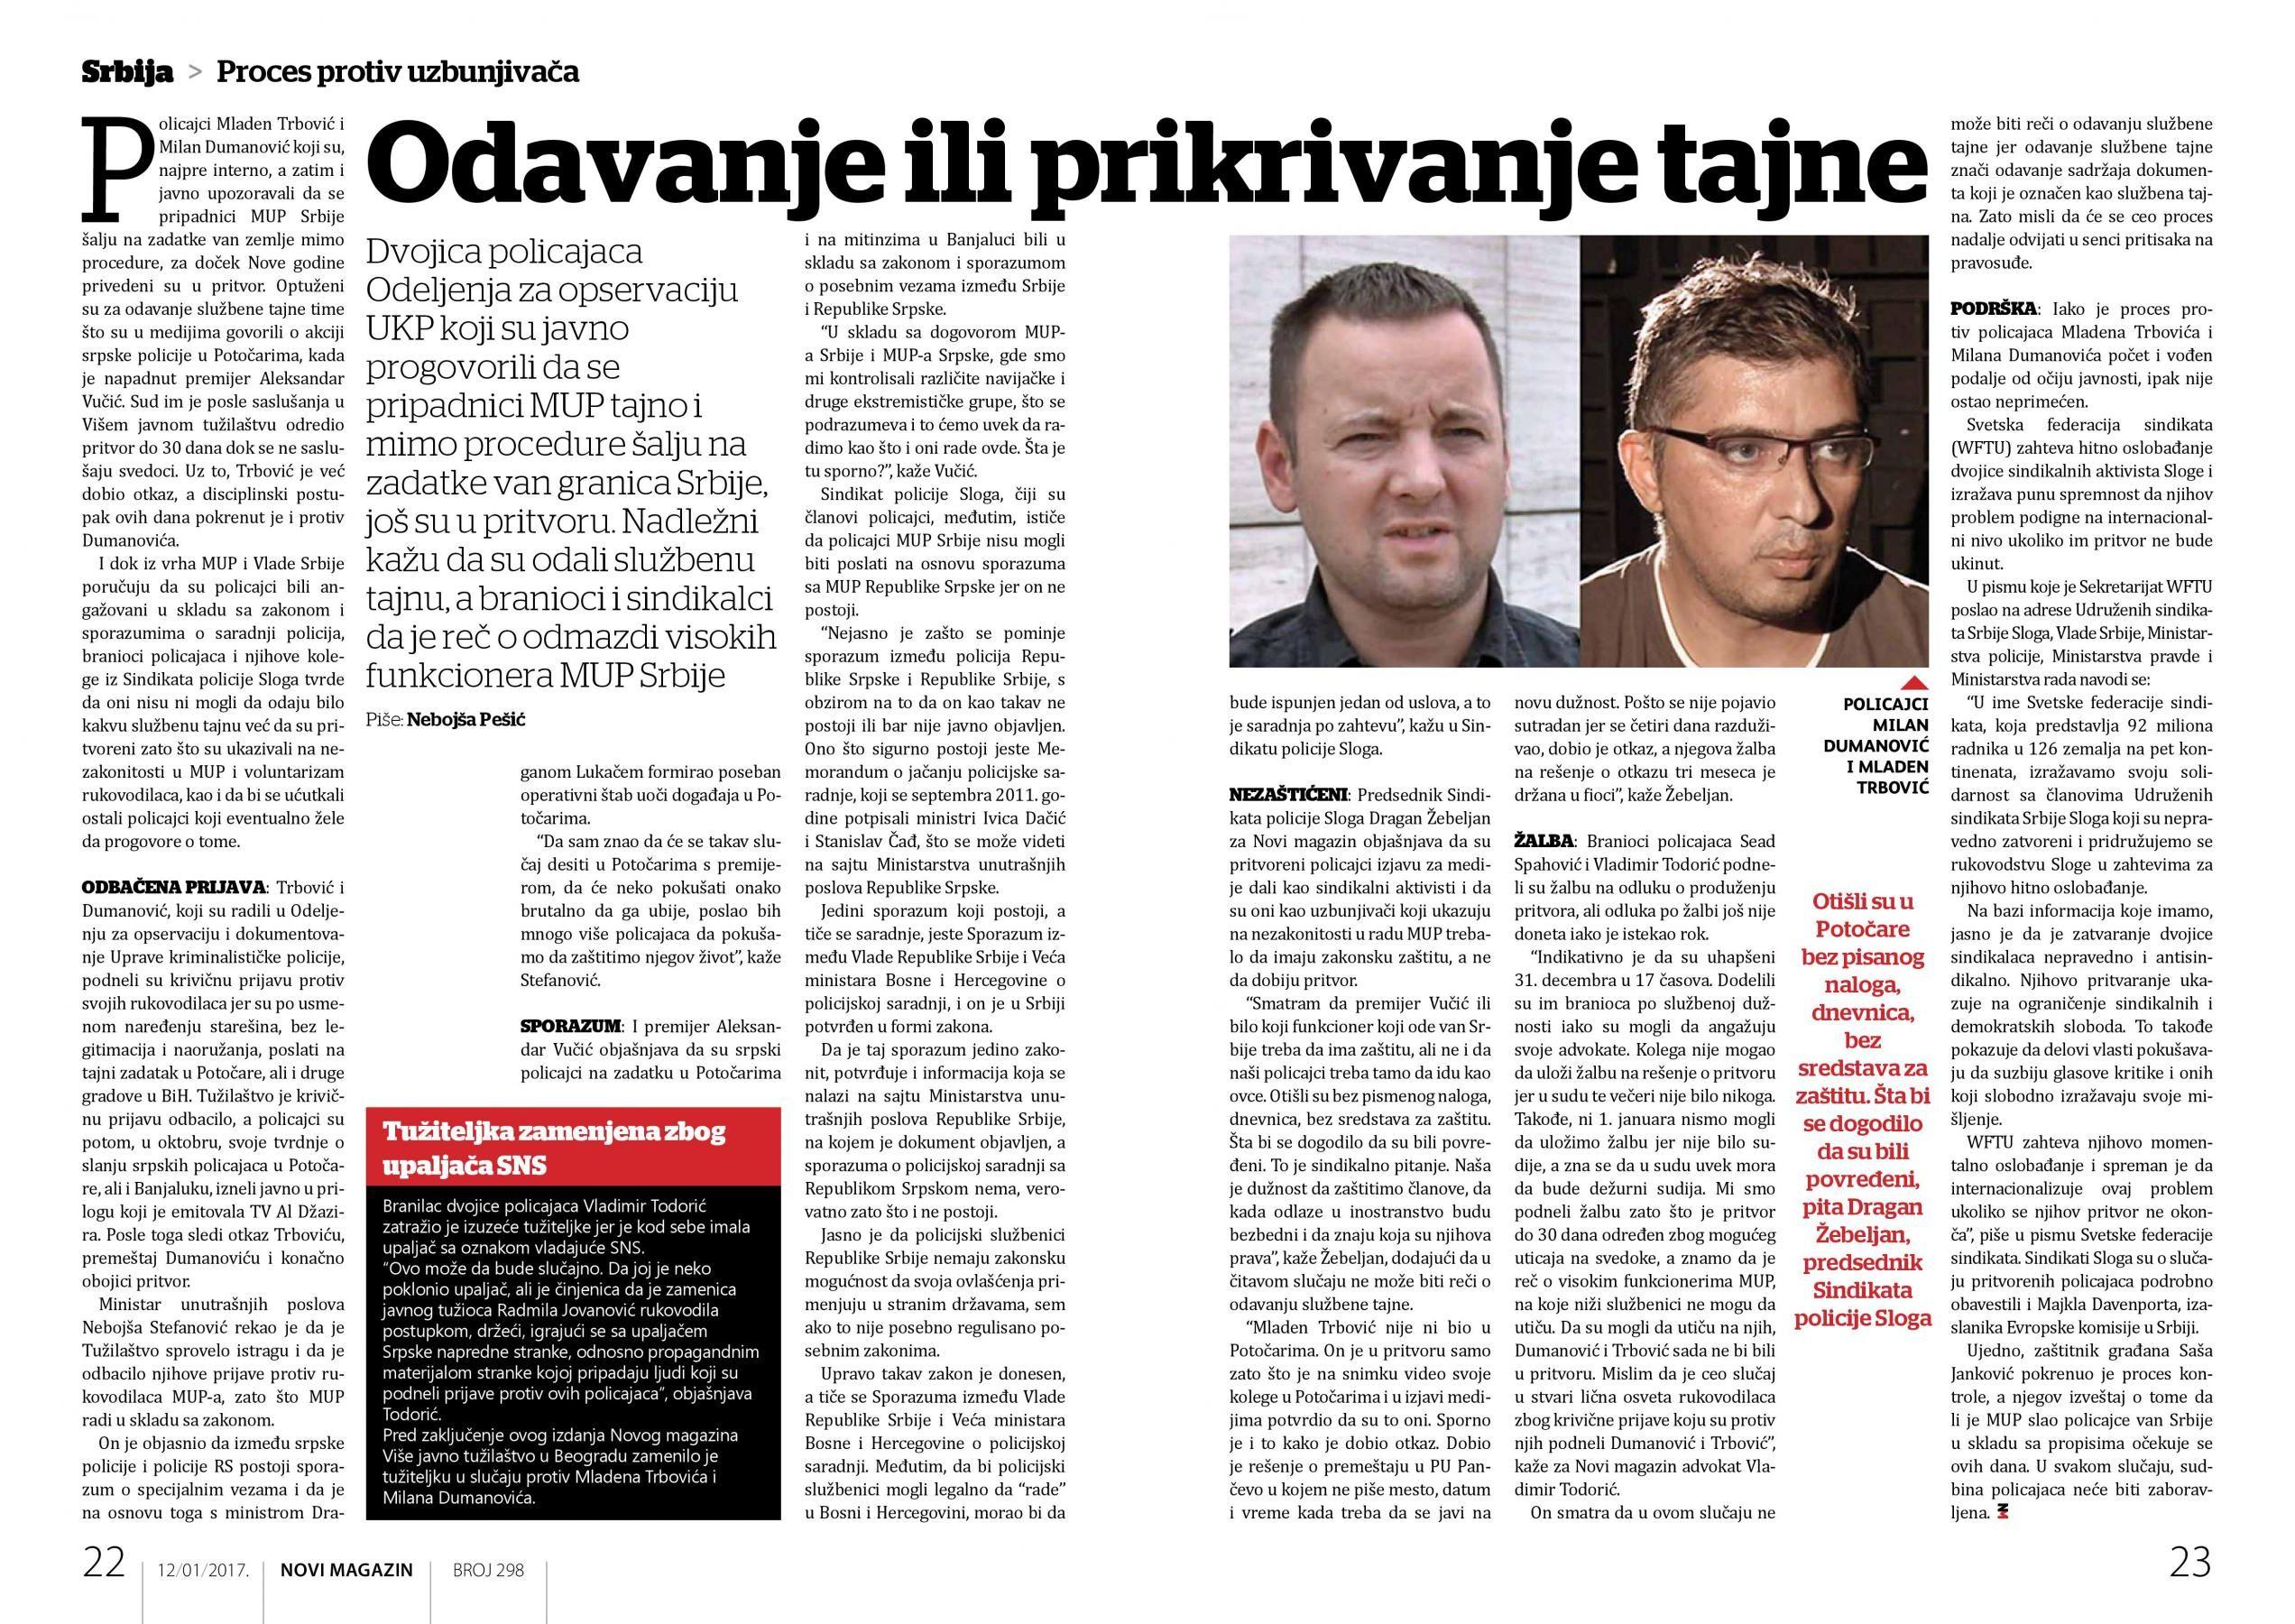 novi_magazin-2017-01-12-strana-23-slika-1